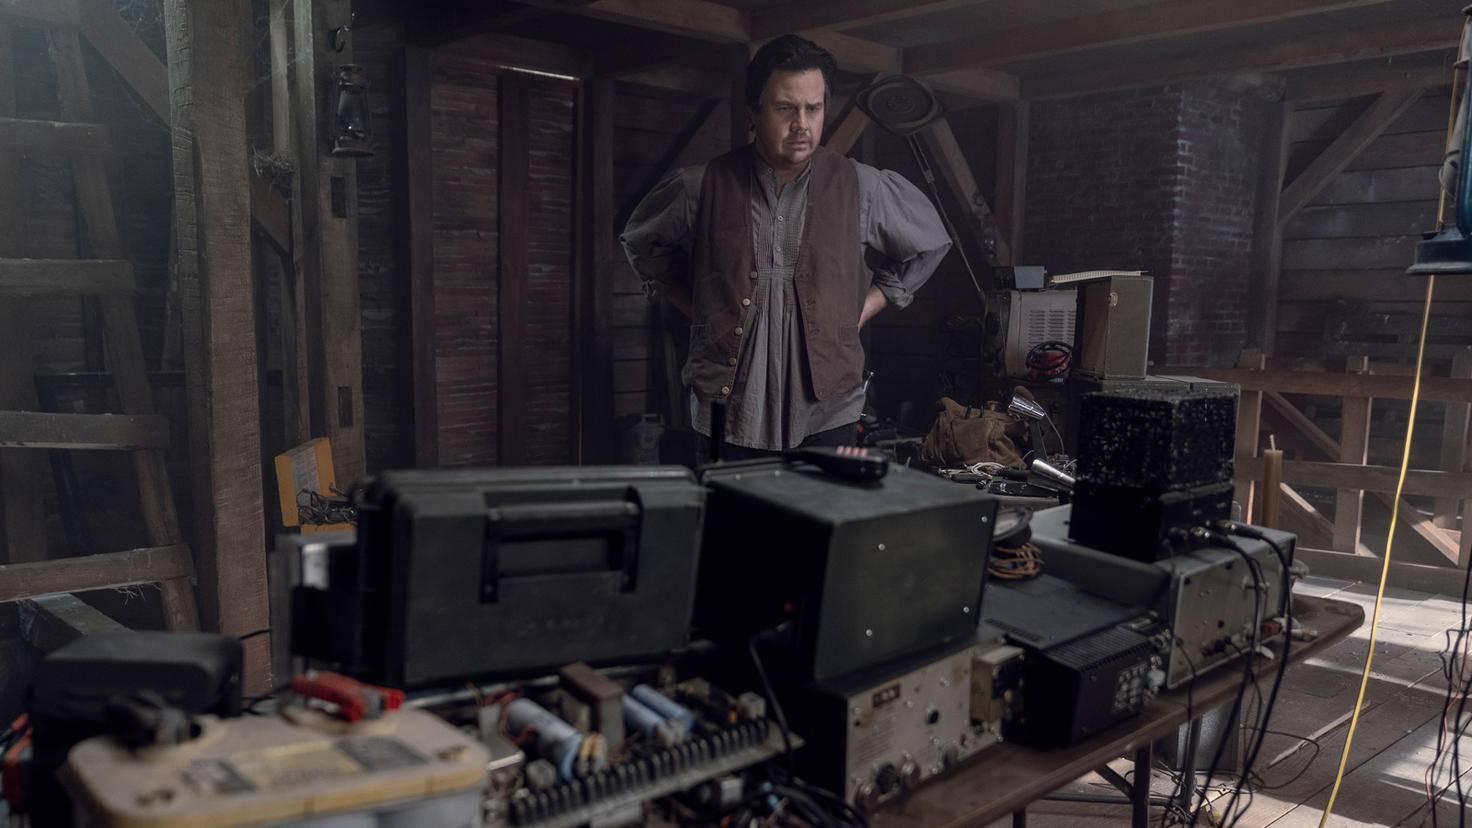 The Walking Dead-S10E06-Eugene-Jace Downs-AMC